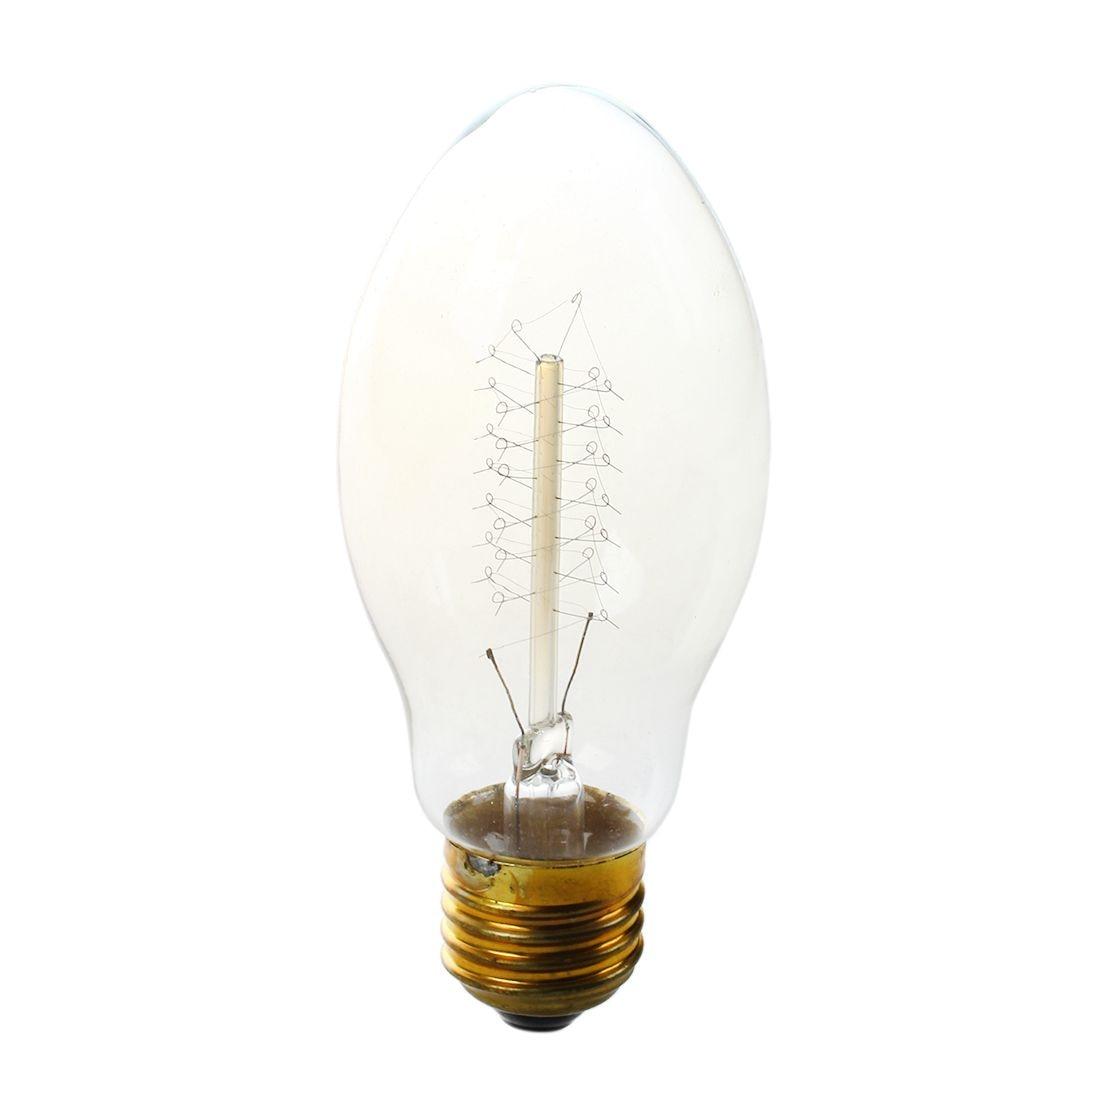 40w Vintage Retro Filament Edison Tungsten Light Bulb: LED Light Vintage Edison Bulb Filament Light Bulbs Retro